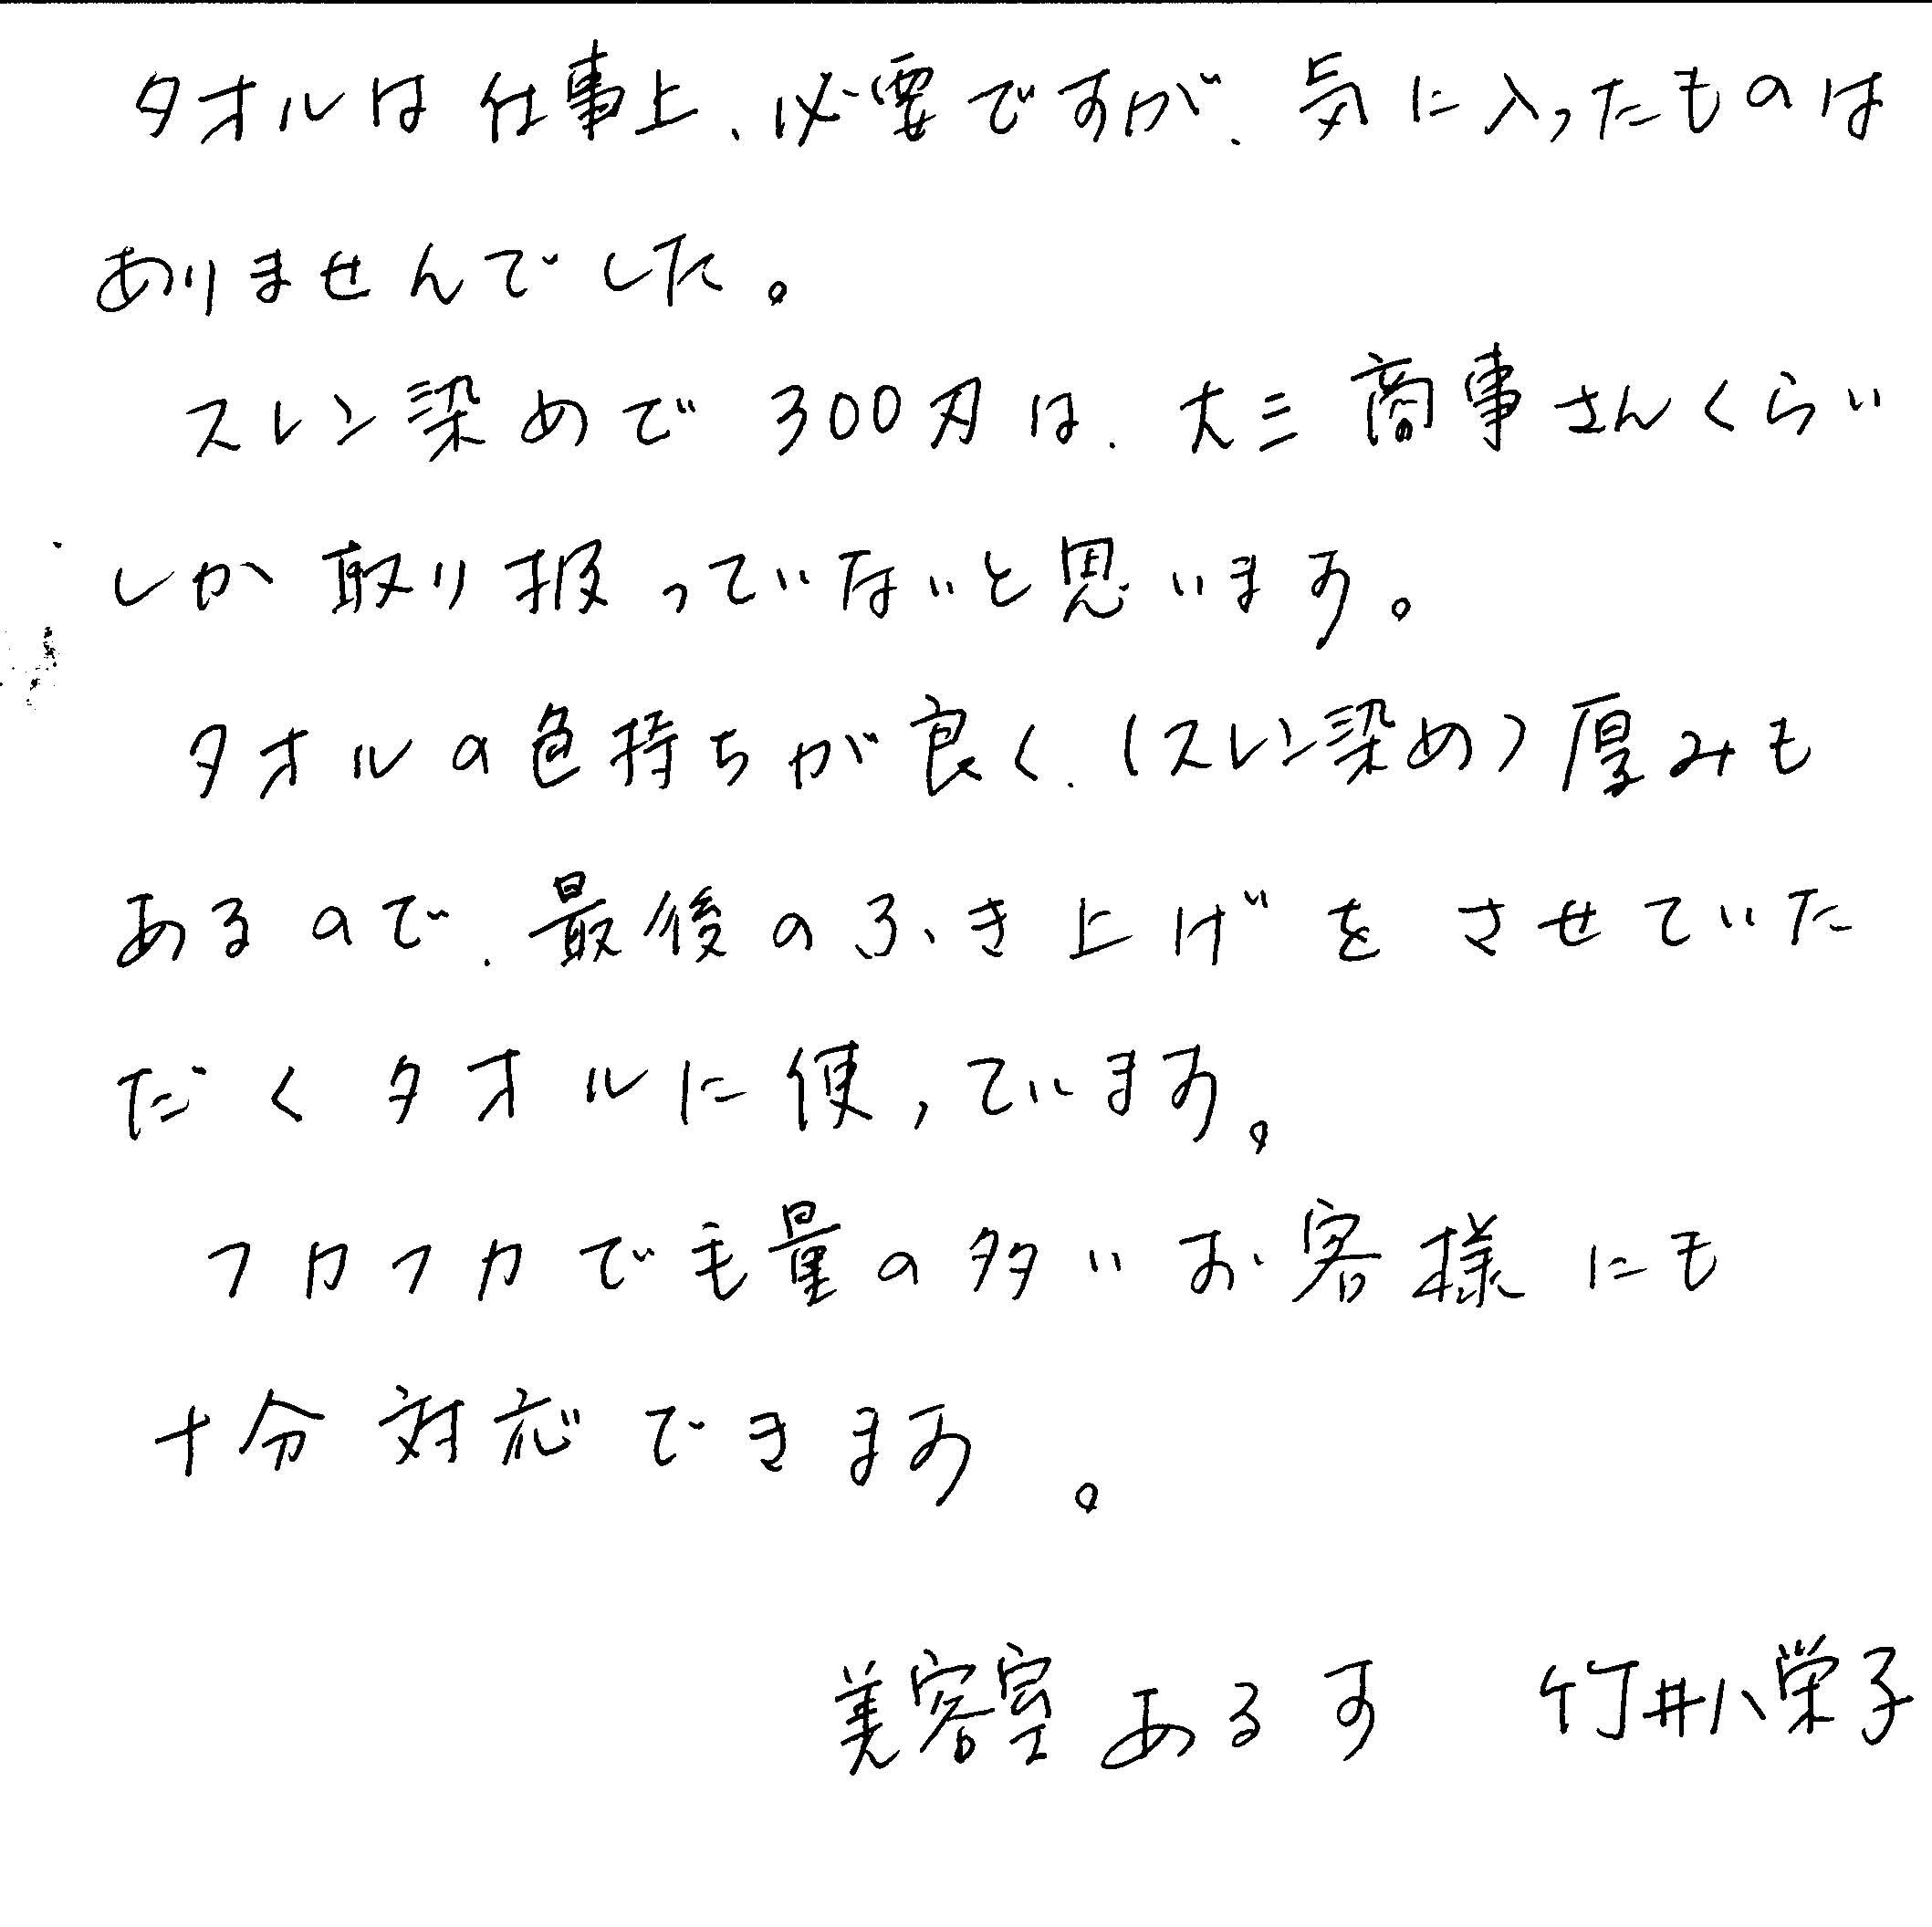 http://daisan-shoji.net/mt/img/hagaki2.jpg